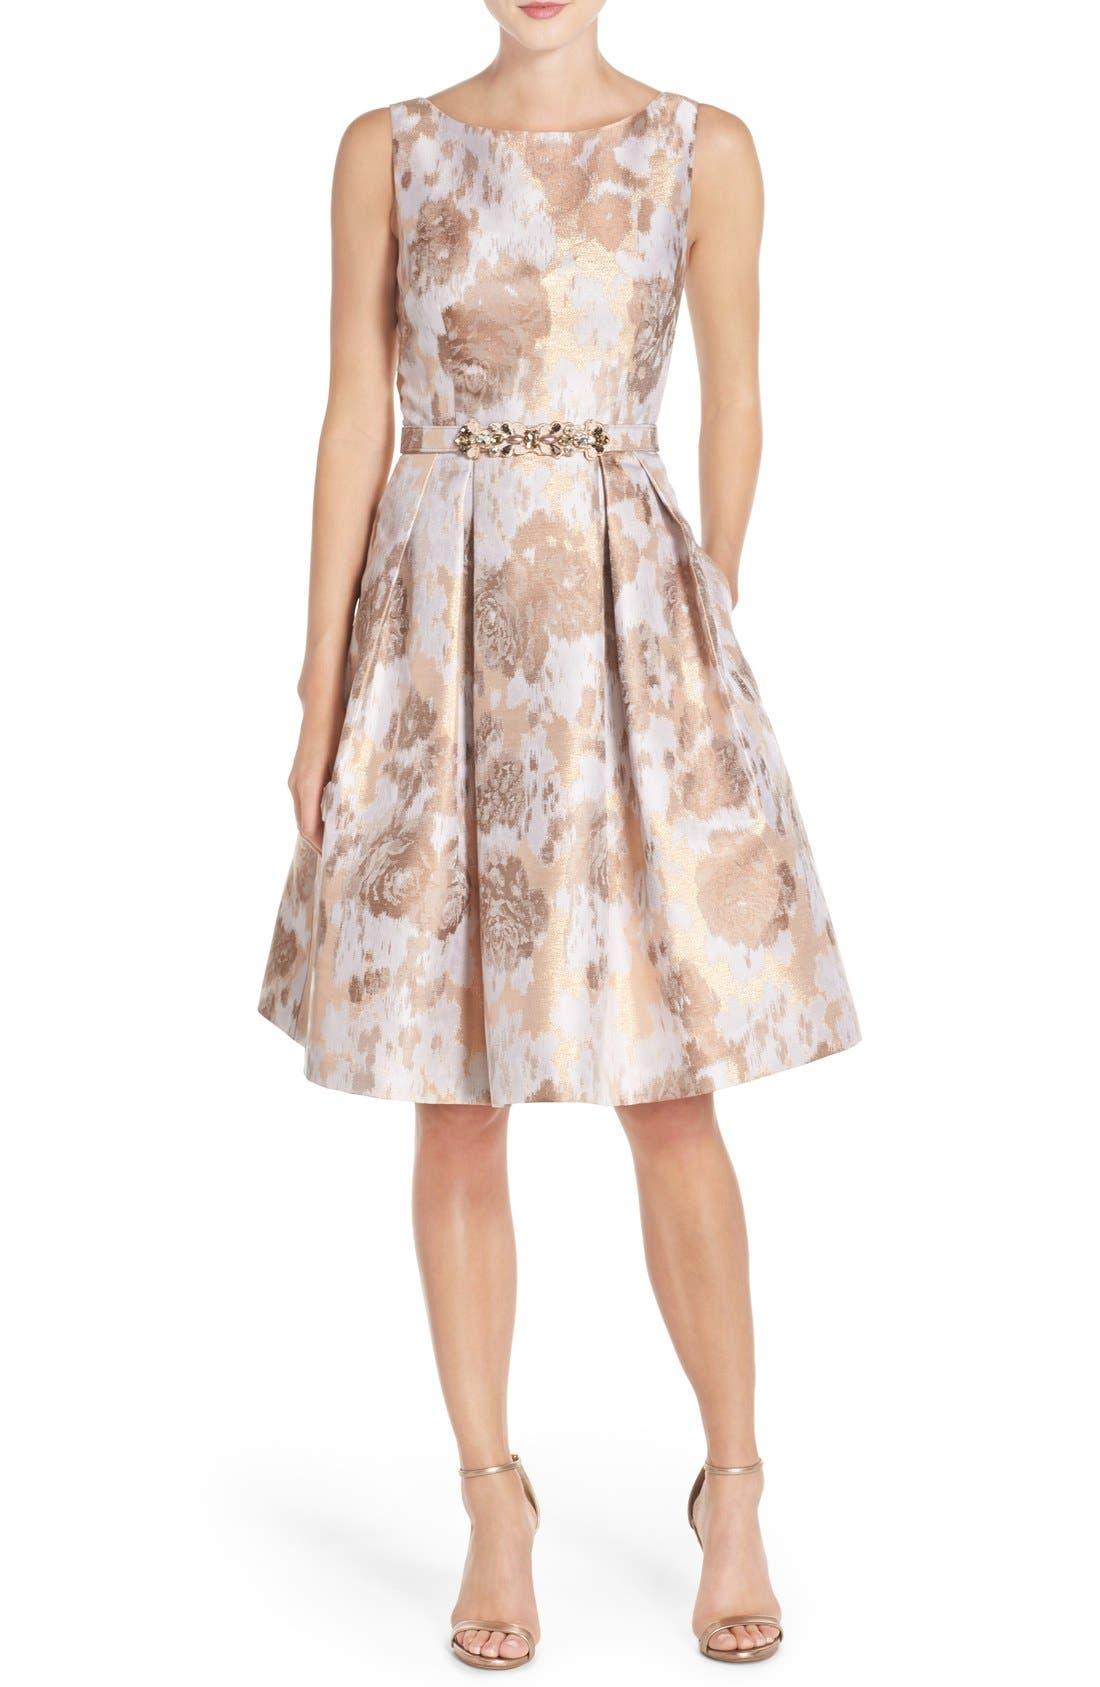 Alternate Image 1 Selected - Eliza J Belted Jacquard Fit & Flare Dress